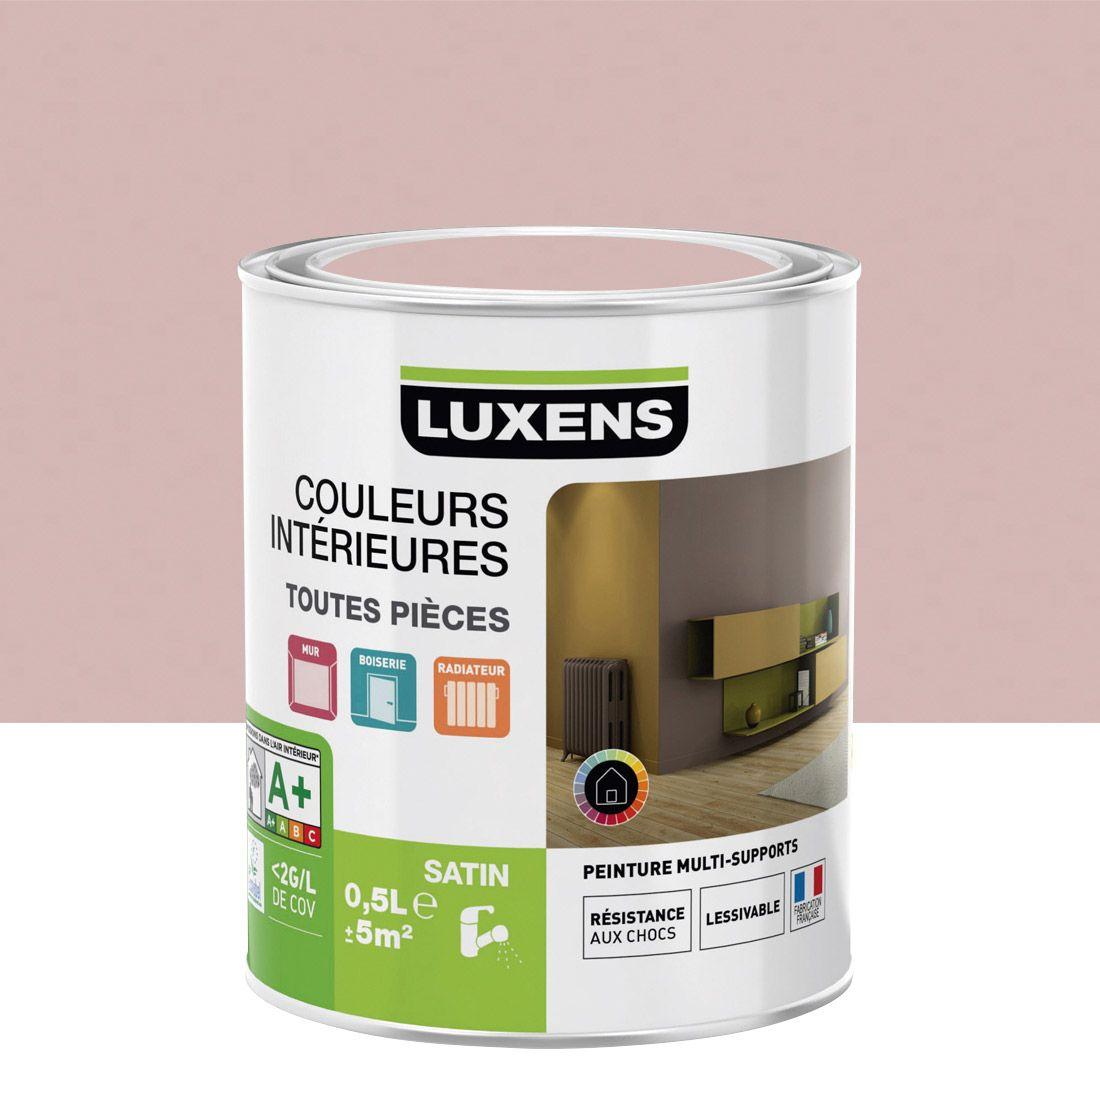 Peinture Multisupports Couleurs Interieures Luxens Rose Blush N 5 Satin 0 5l Couleur Interieure Peinture Interieur Peinture Murale